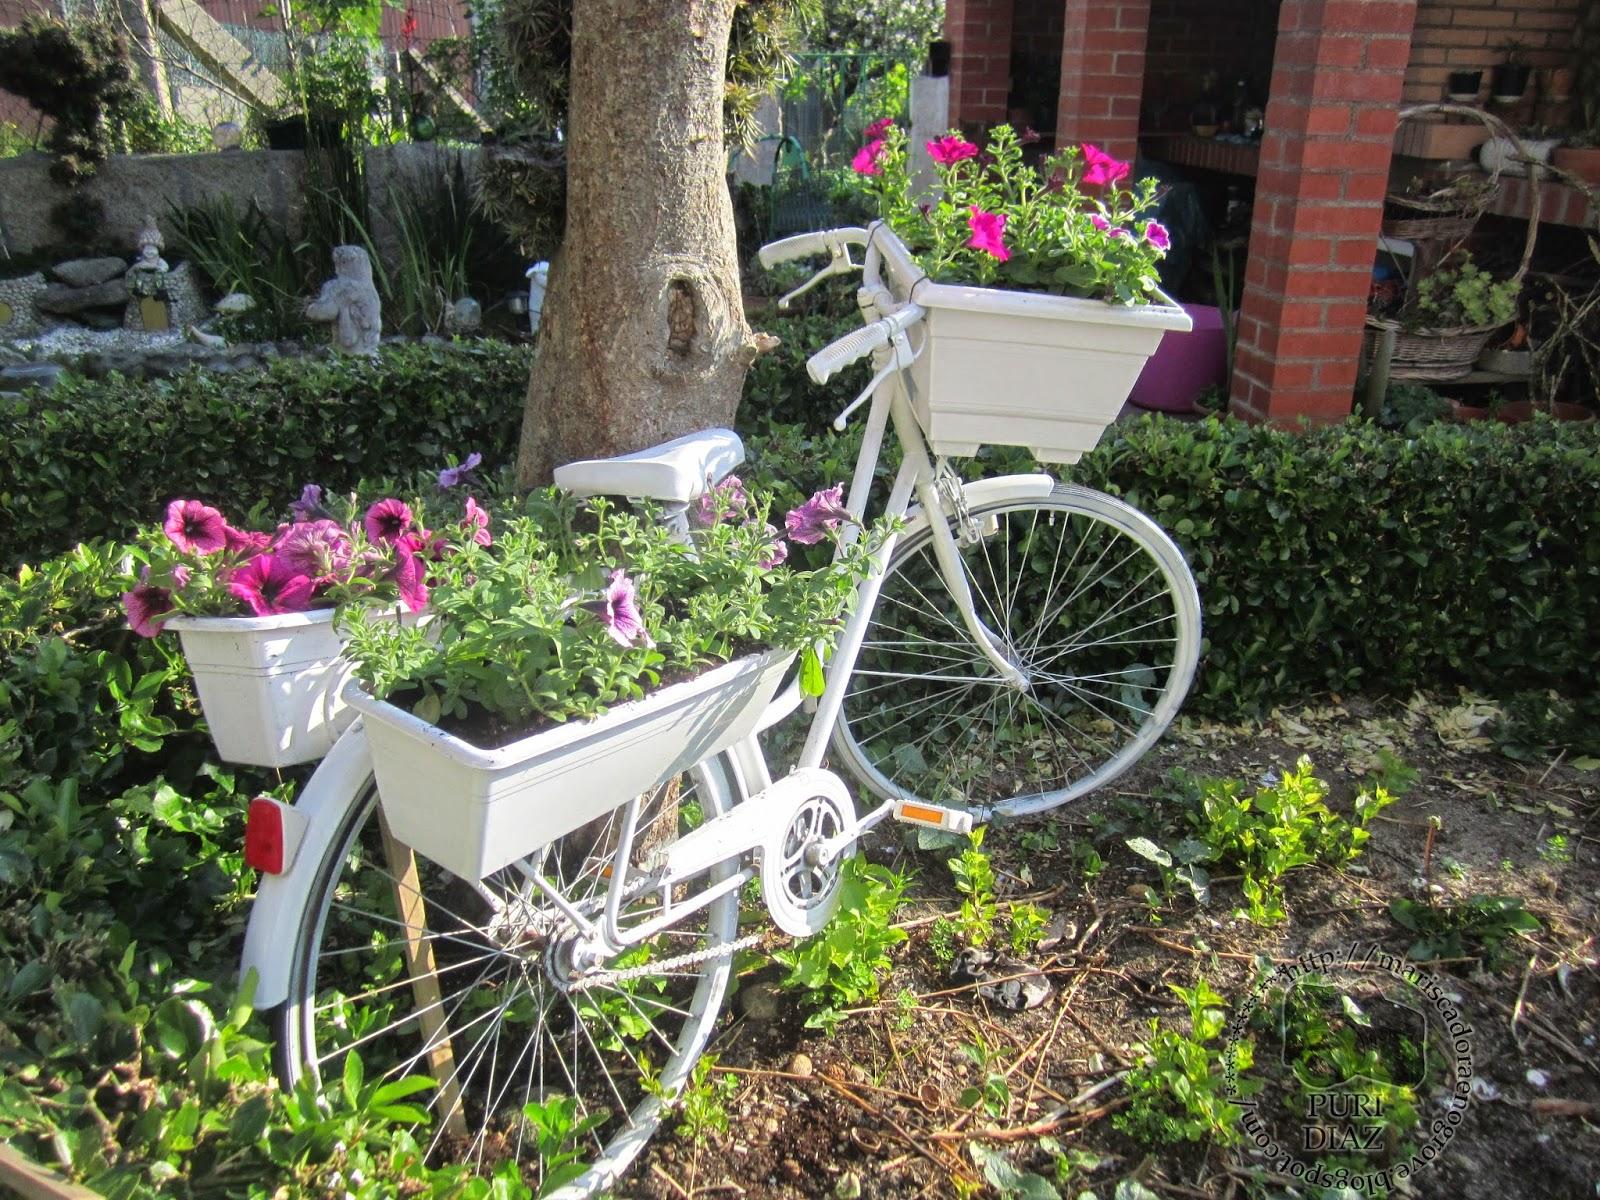 Mis manualidades y aficiones reciclar bicicleta vieja for Decorar el jardin con cosas recicladas